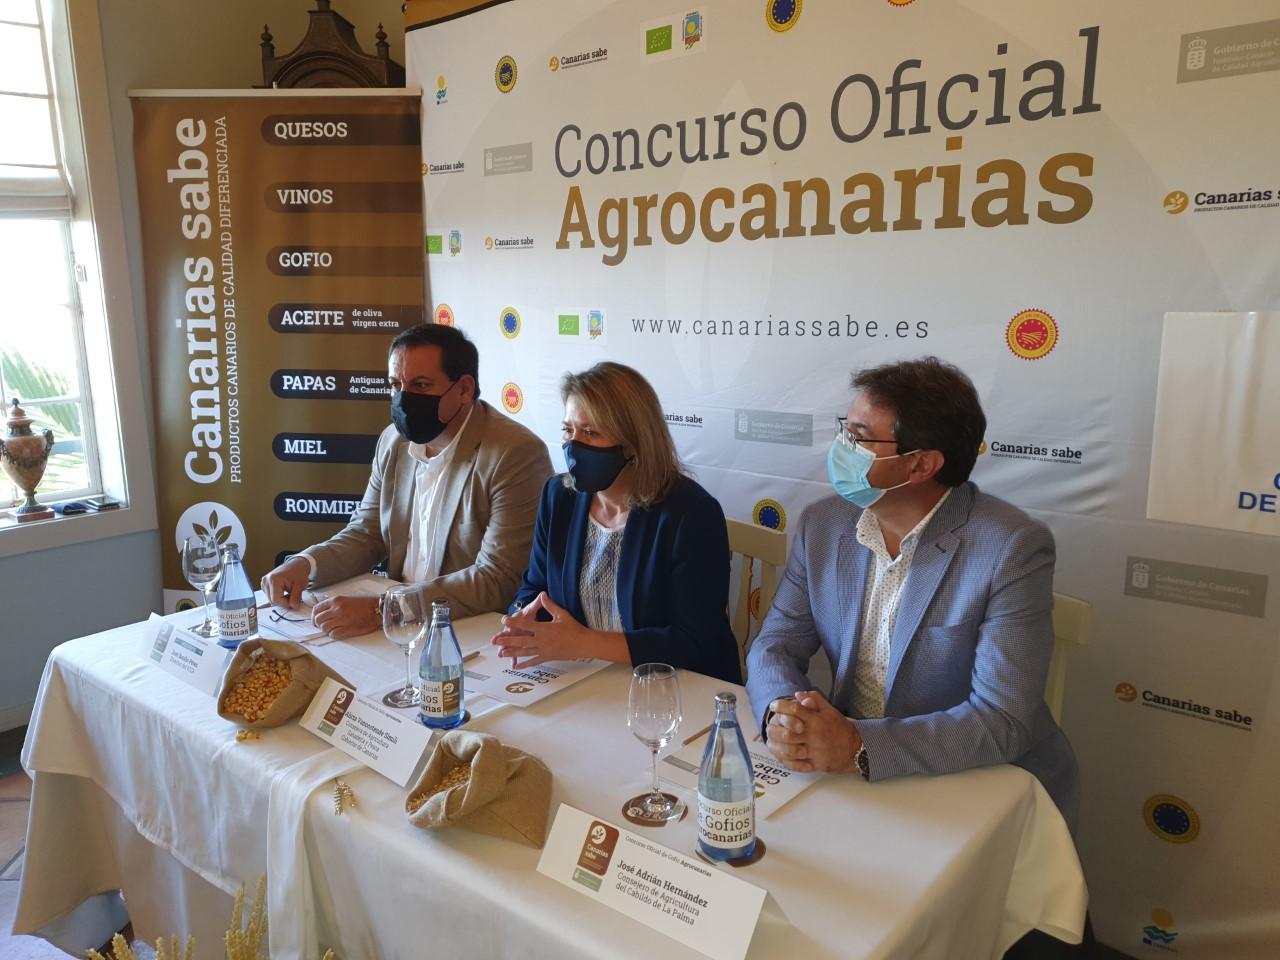 Concurso Oficial de Gofio Agrocanarias 2020